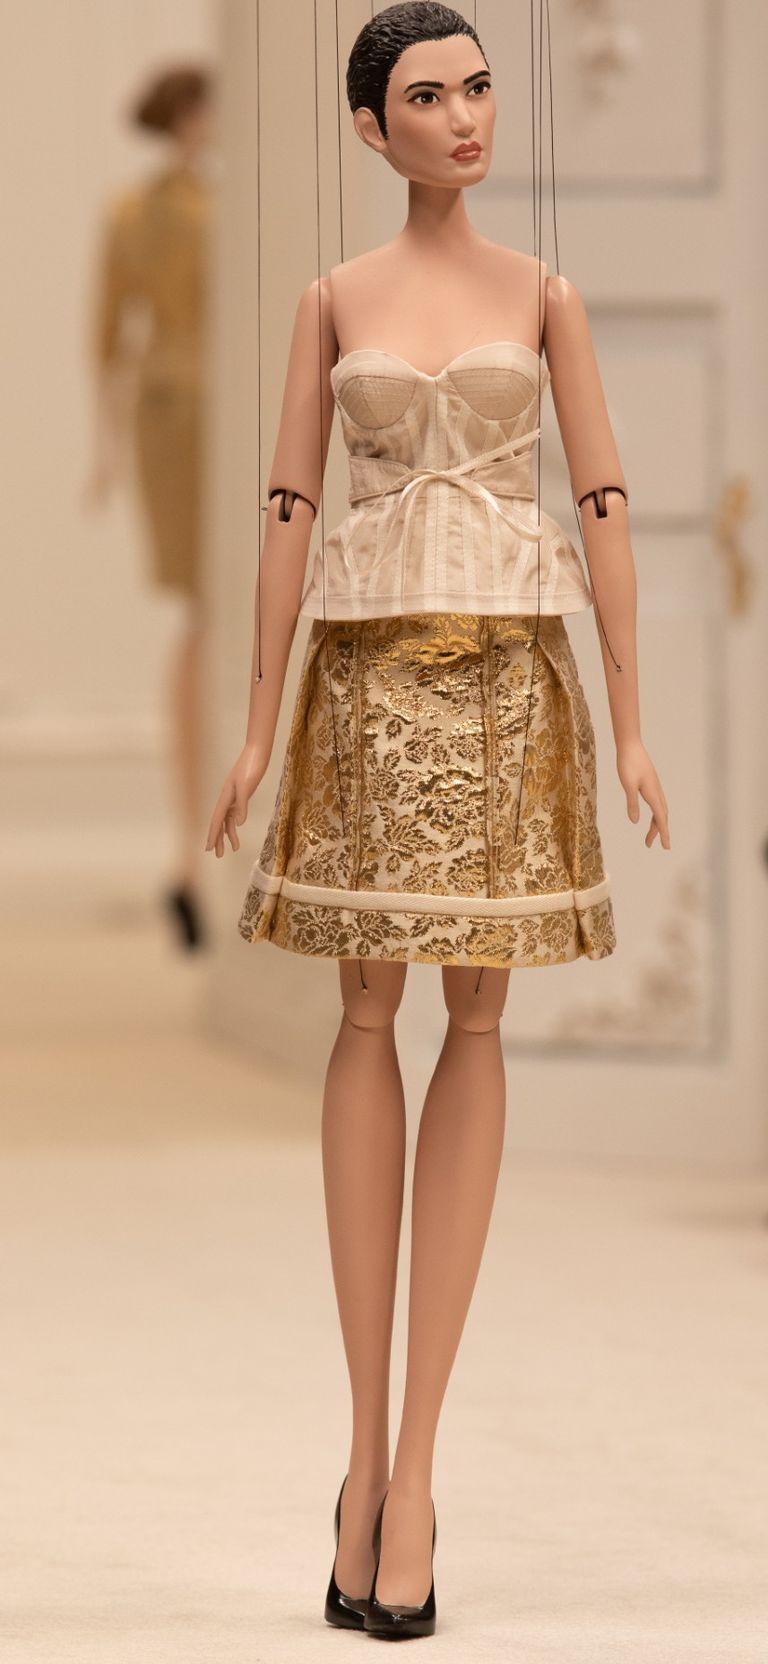 La vida plástica, es fantástica: Moschino y su nuevo desfile con muñecas como modelo